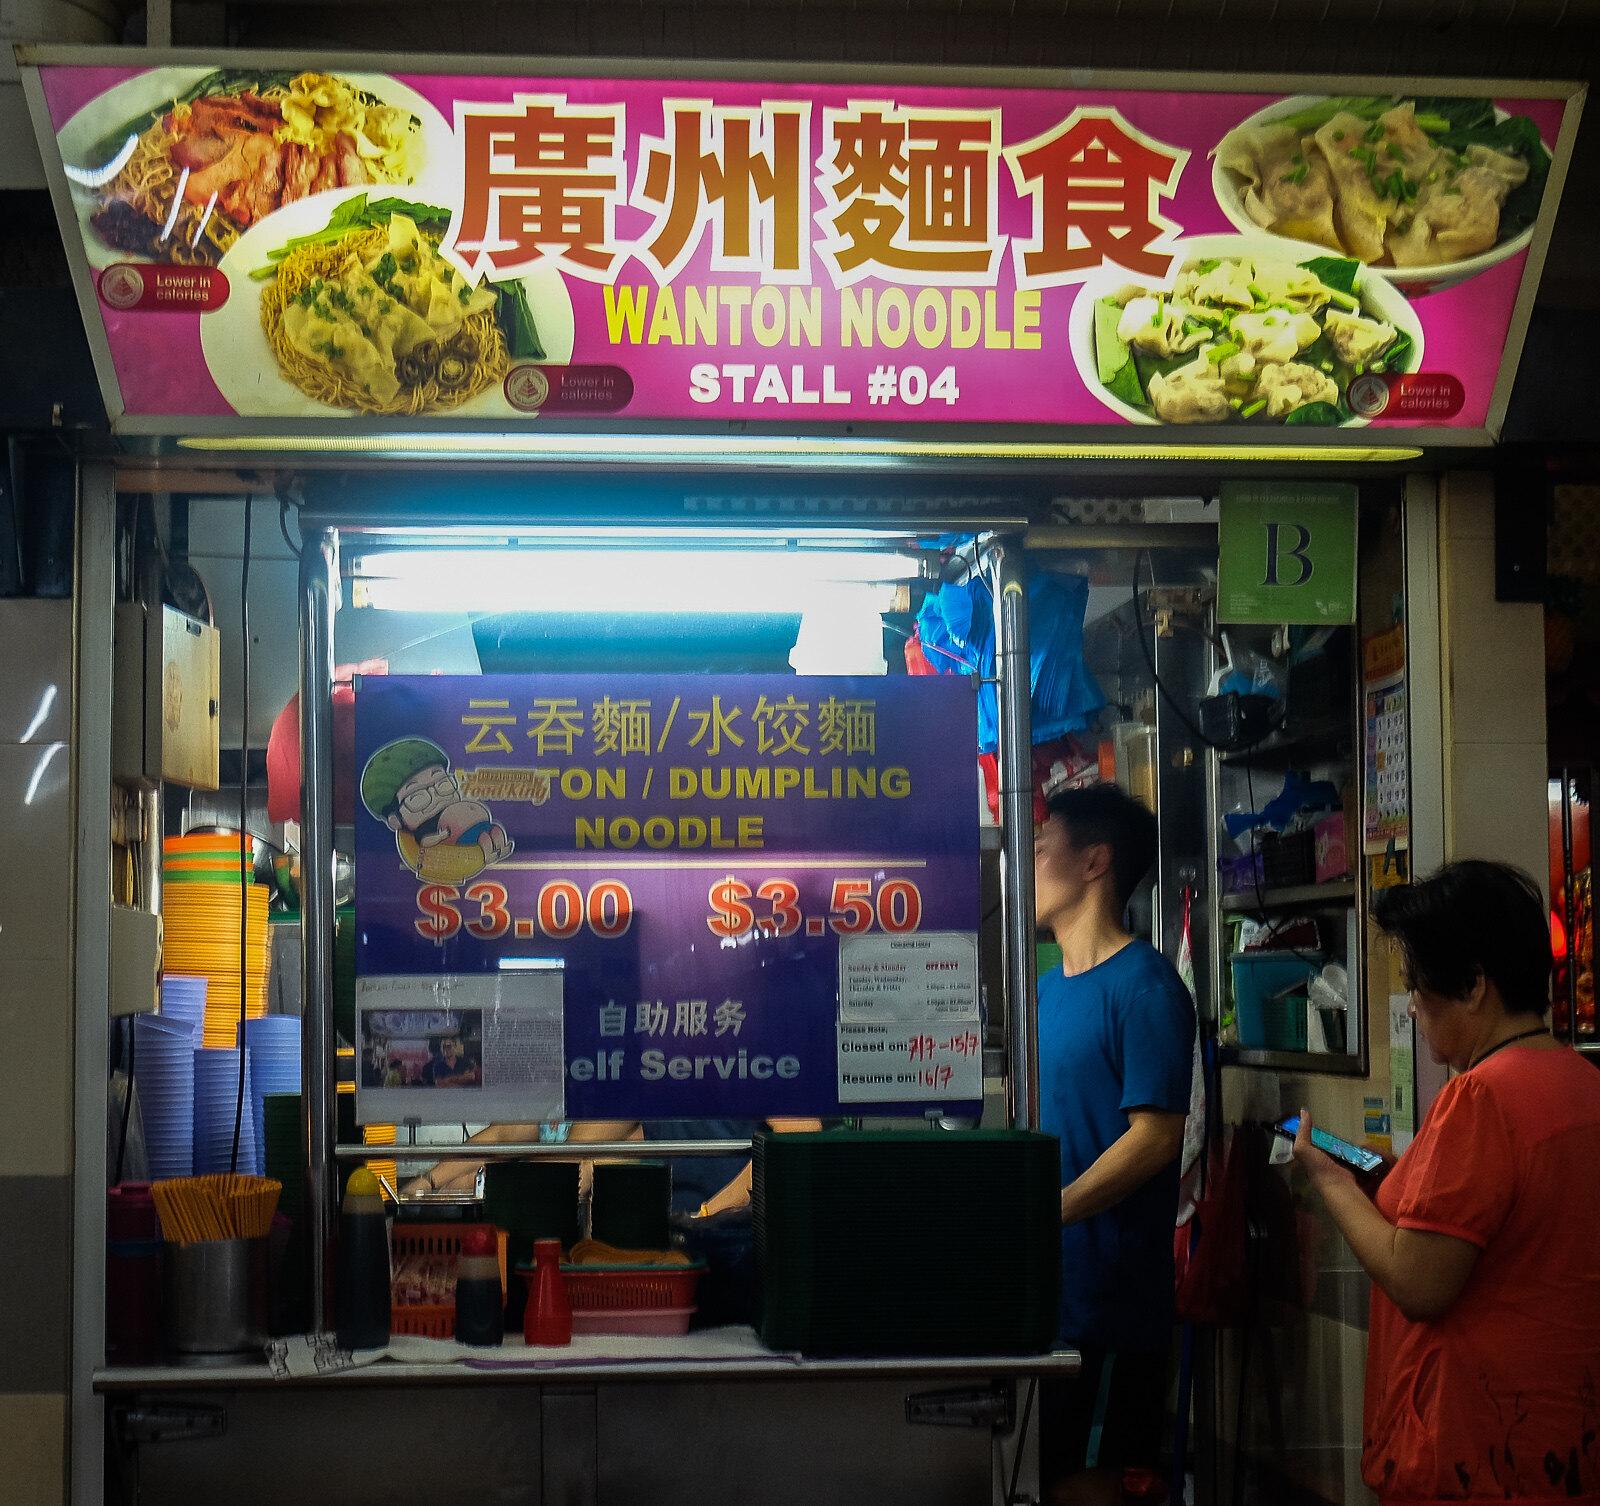 Guangzhou Mian Shi Wanton Noodle Shopfront